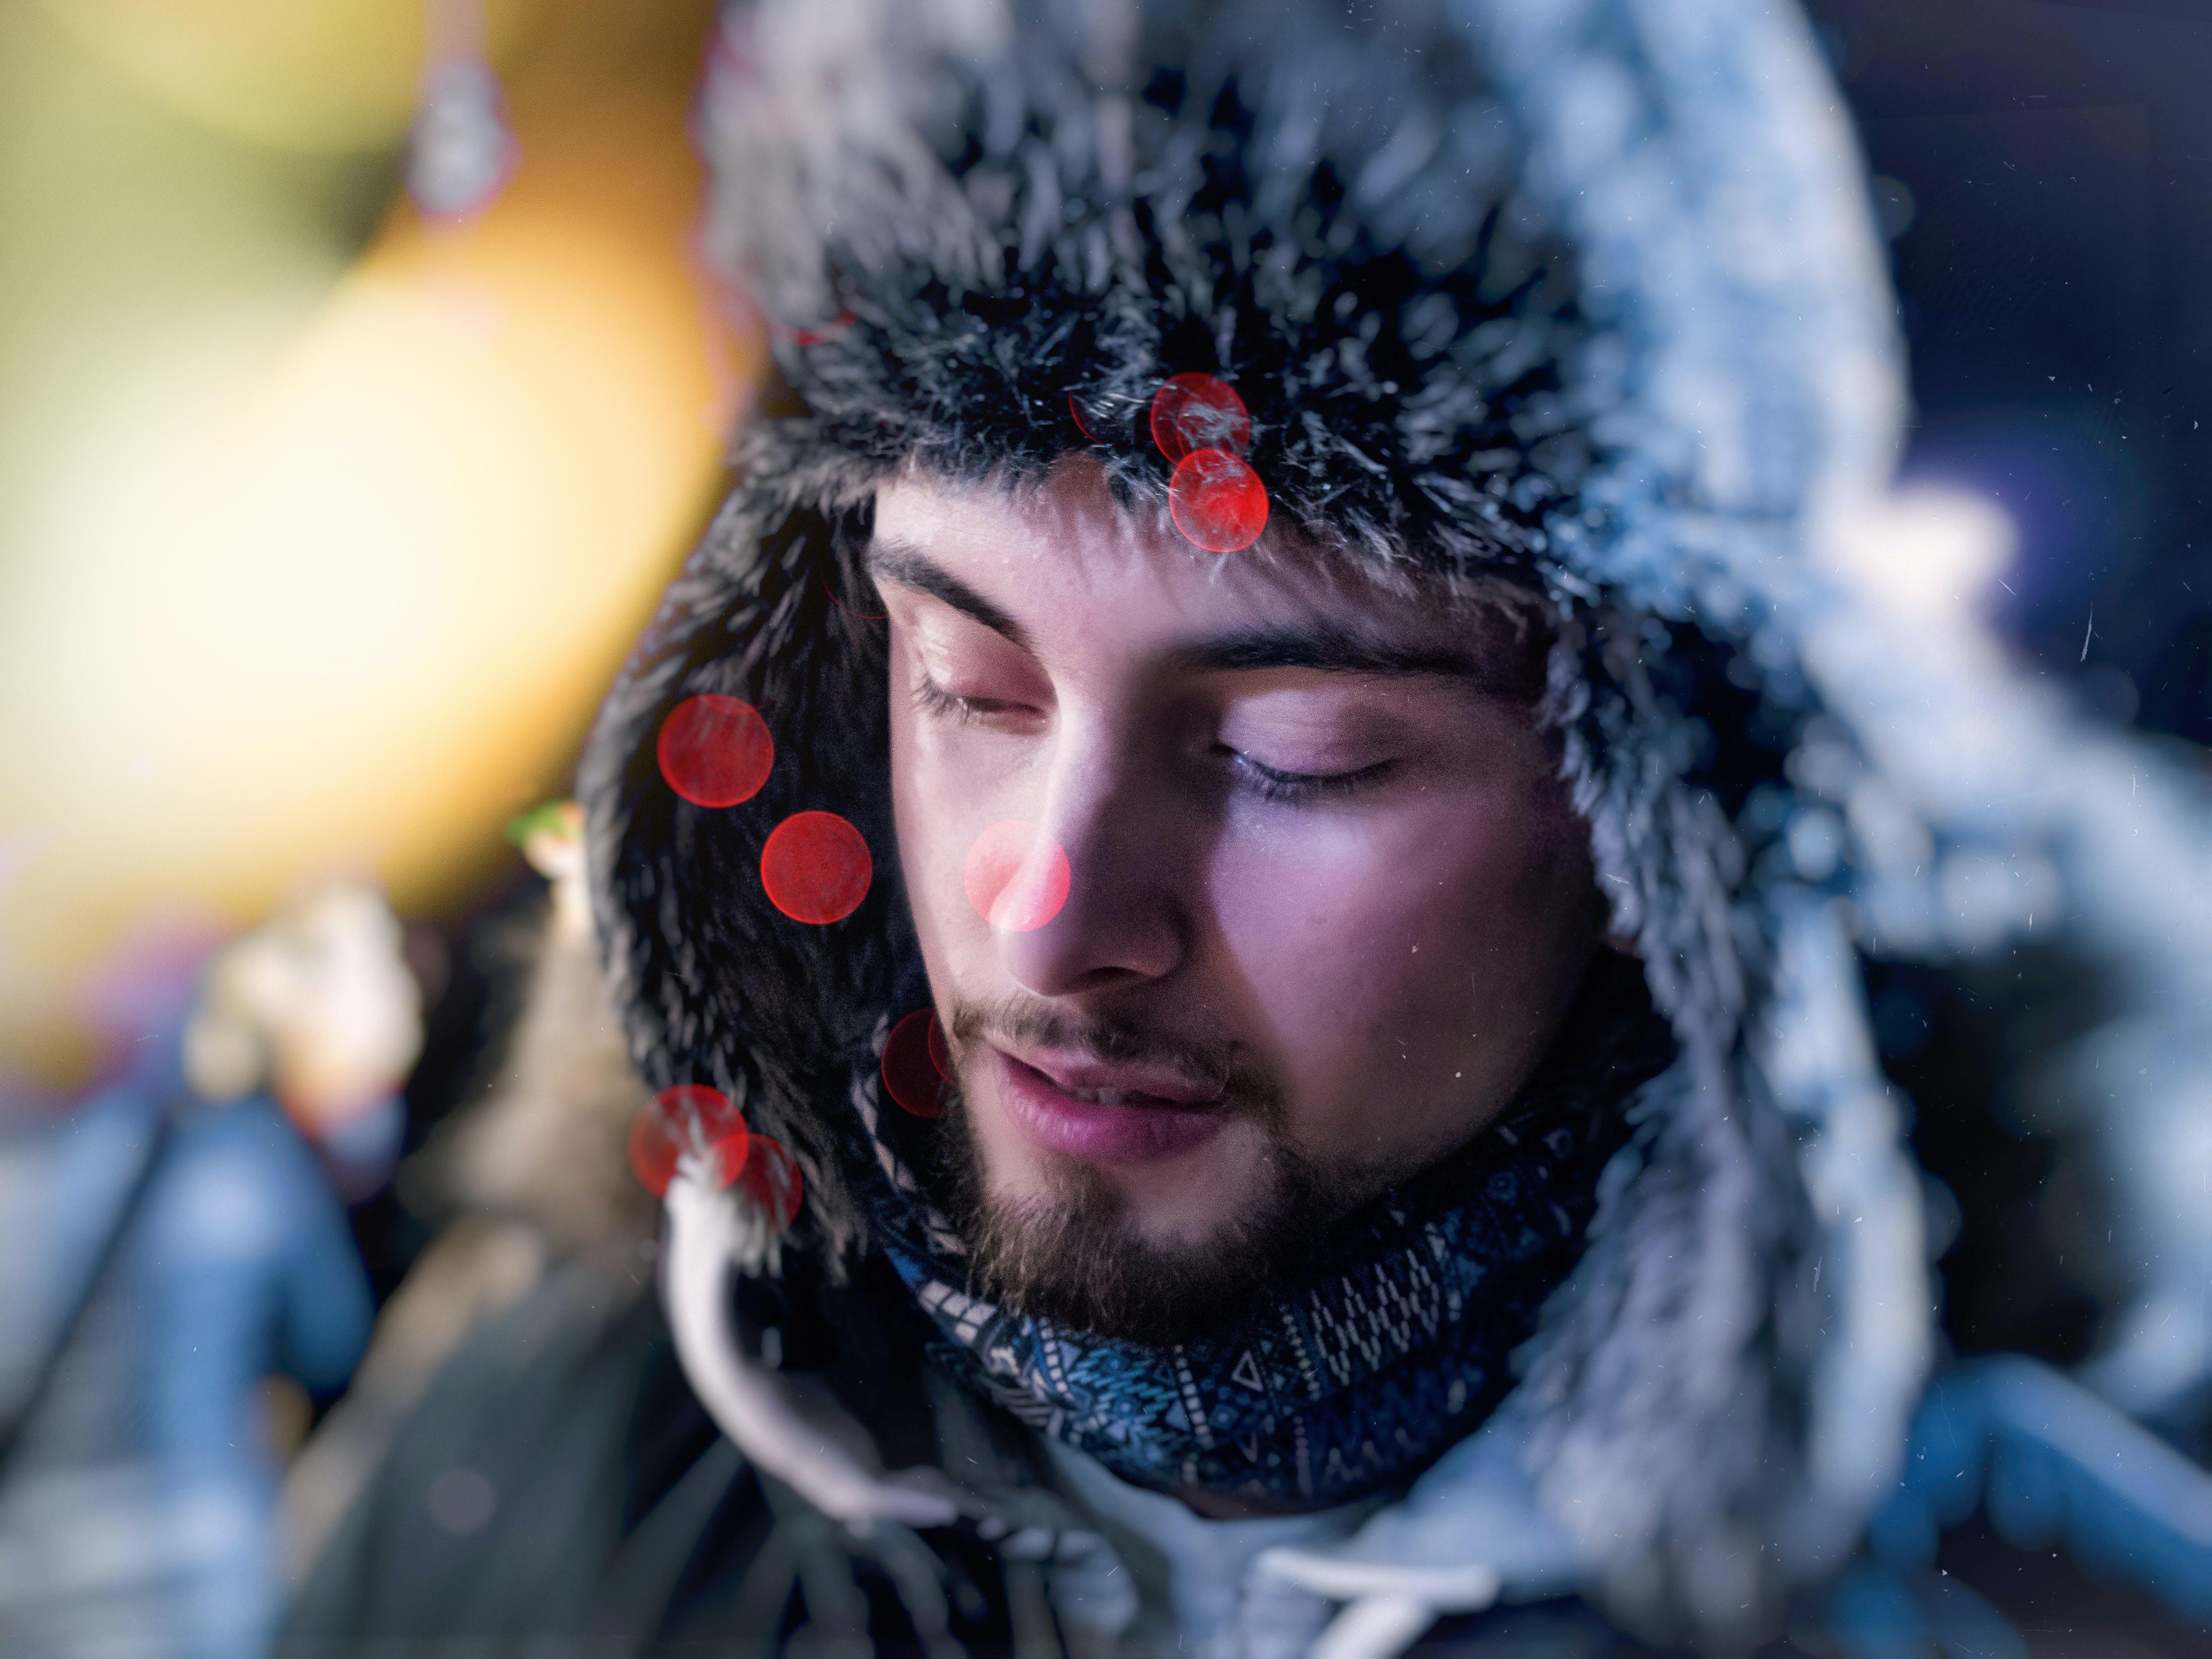 man wearing fur aviator hat